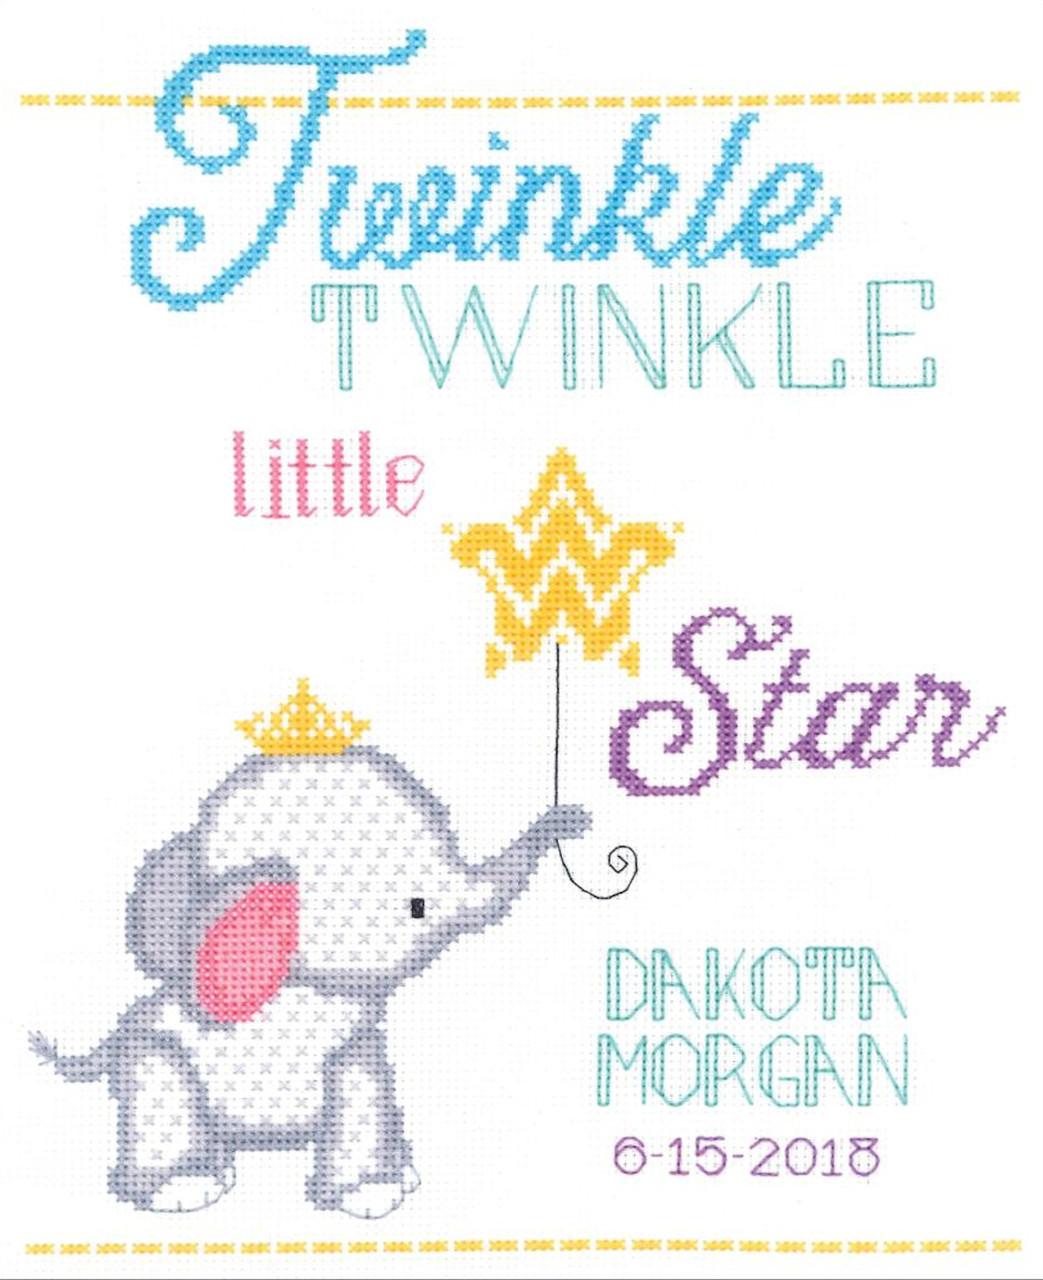 Janlynn - Twinkle Twinkle Little Star Birth Announcement